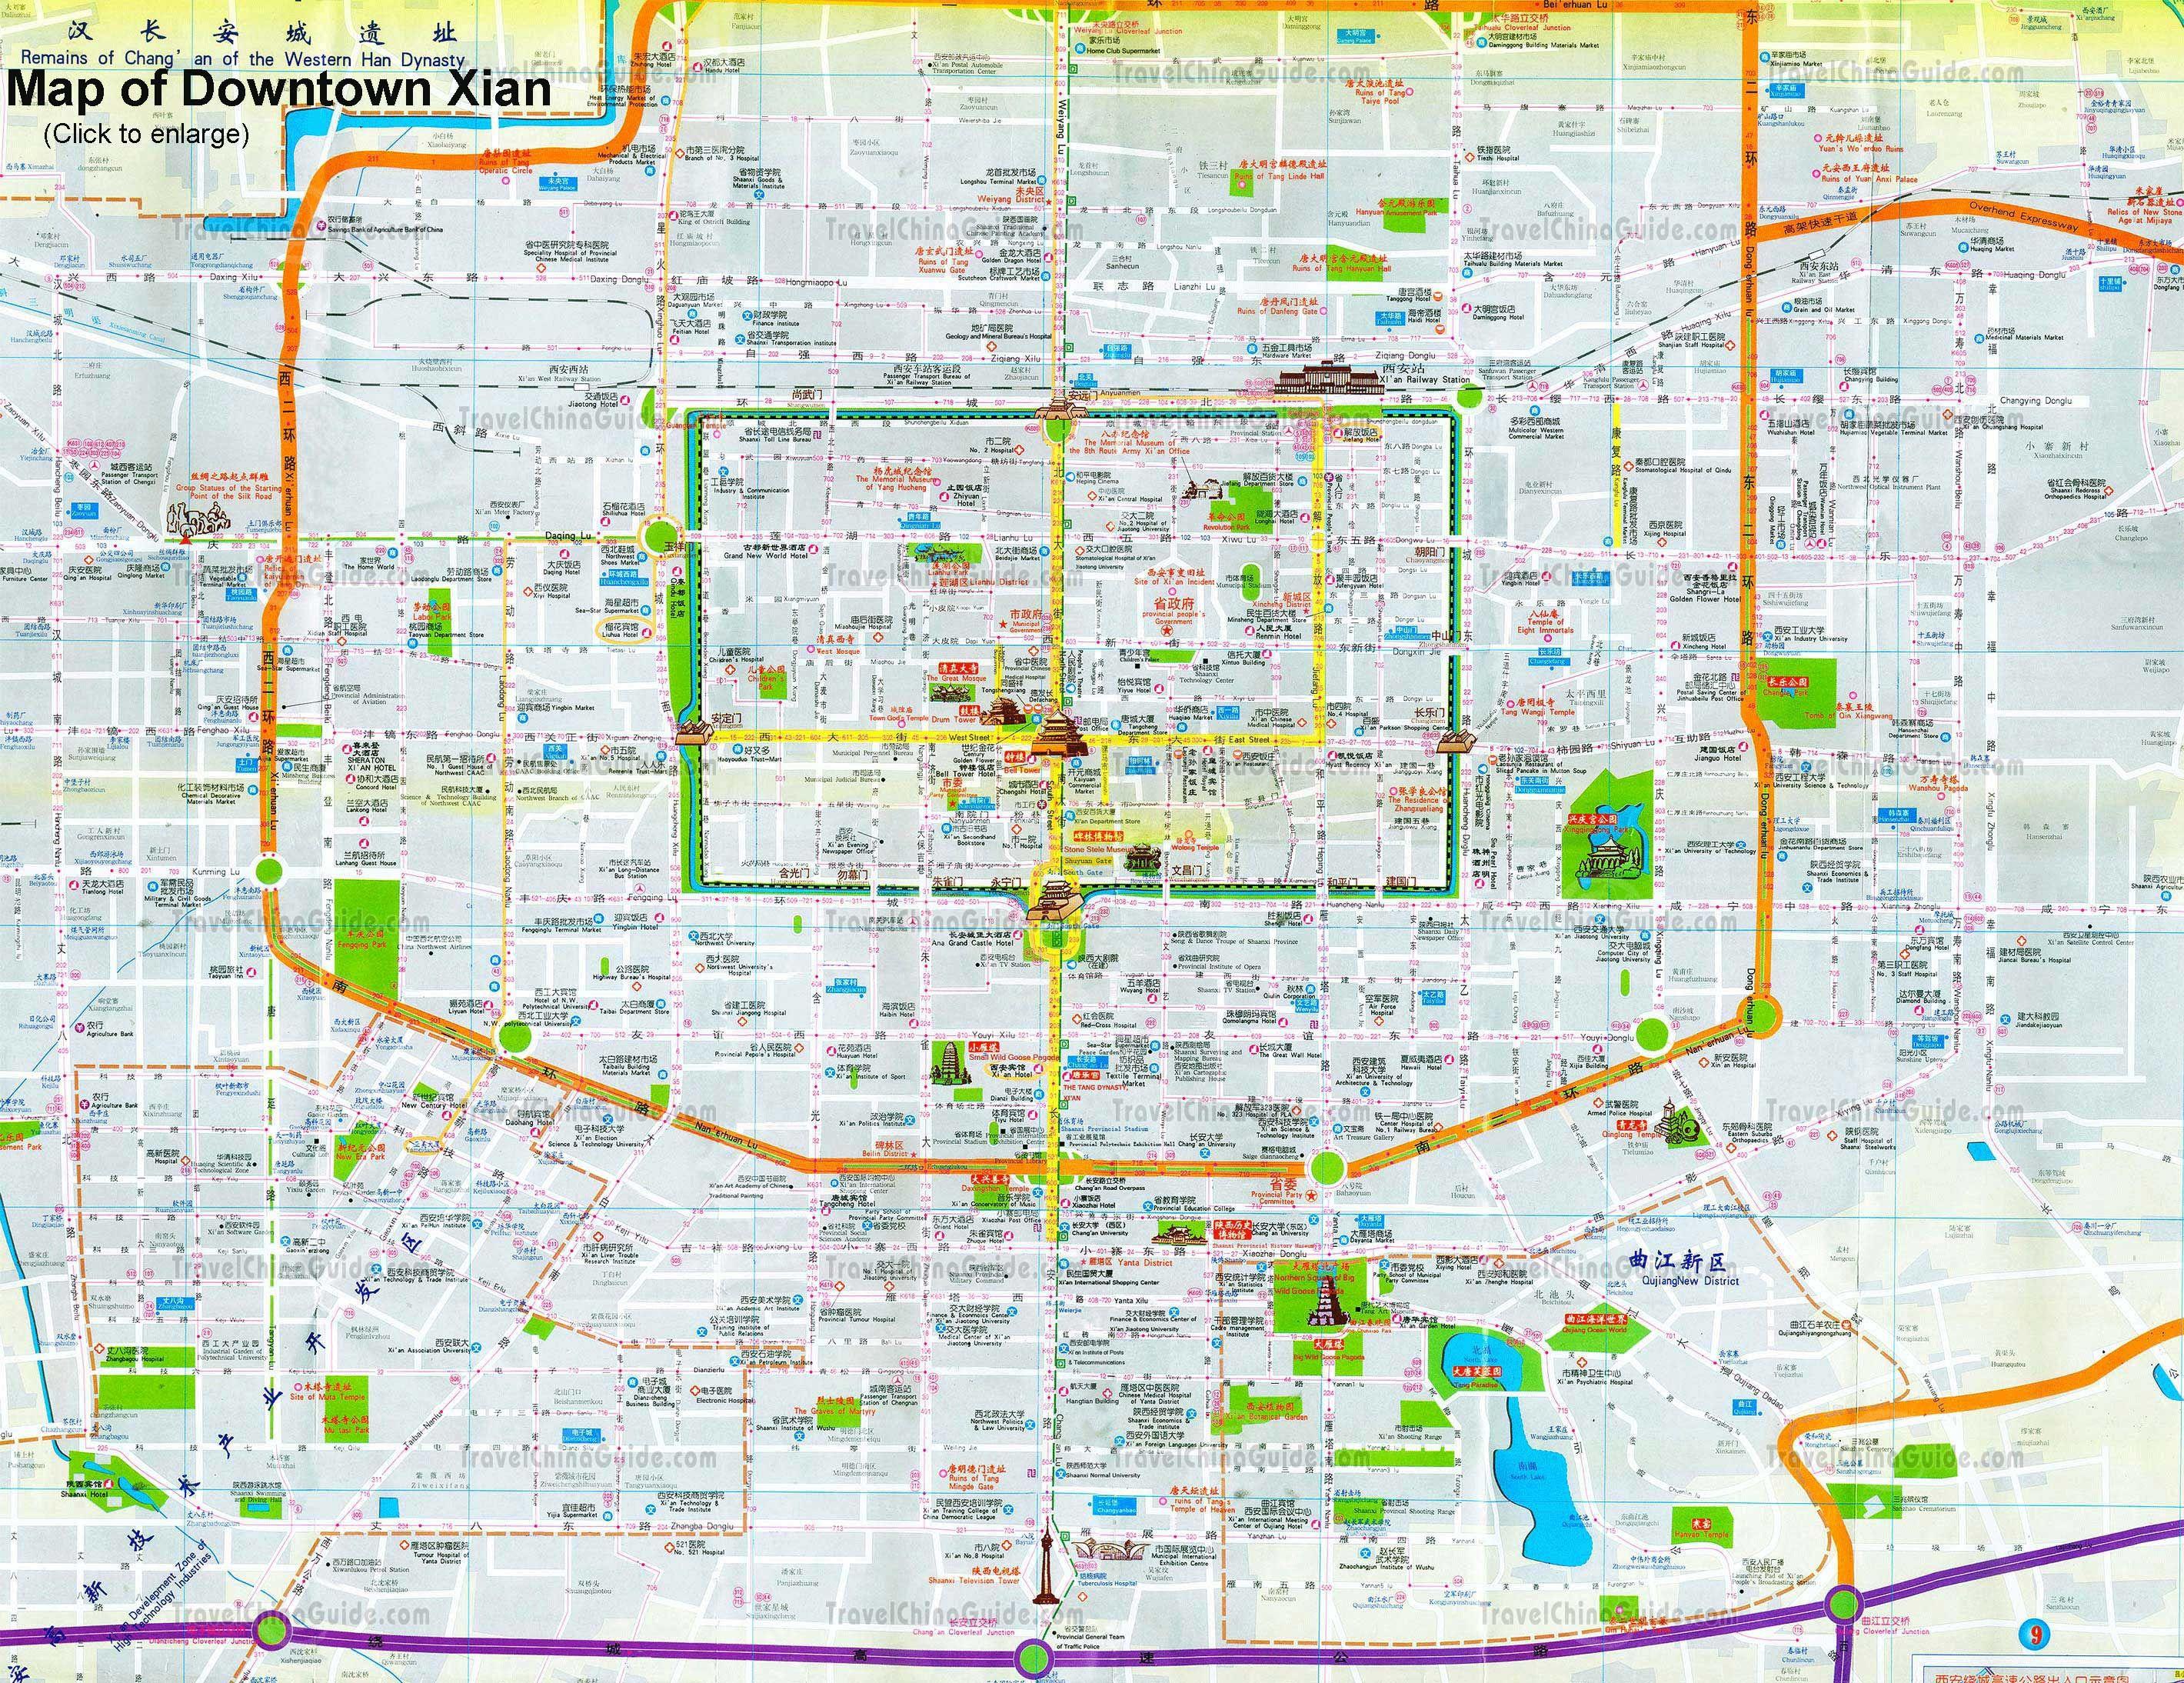 xian in china map Maps Of Xian China Xi An Travel Map Diy Map xian in china map